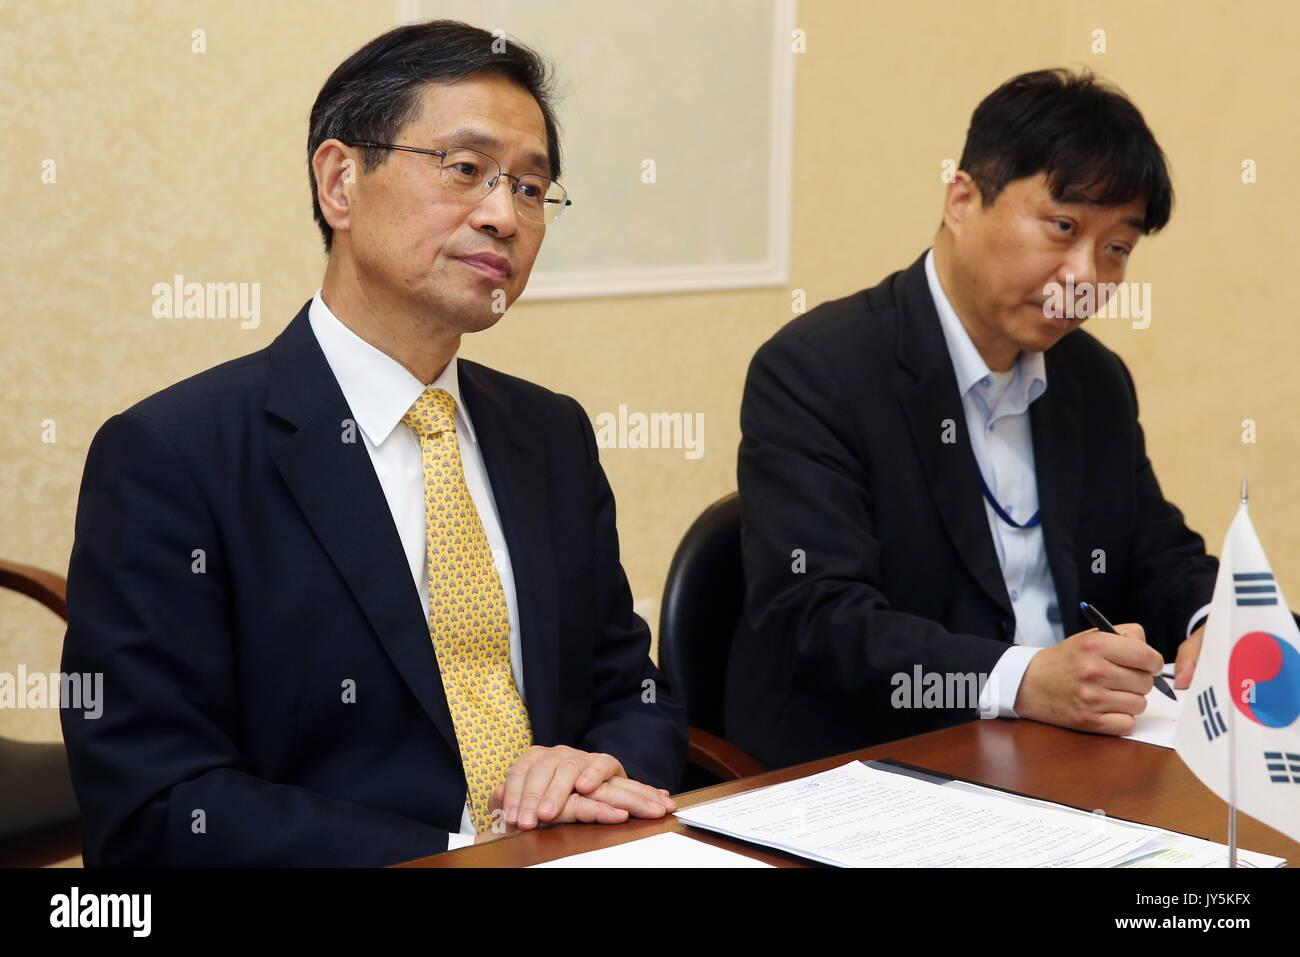 Moskau, Russland. 18 Aug, 2017. Südkoreas Botschafter in Russland Park Ro-byug (L) bei einem Treffen mit russischen Stockfoto